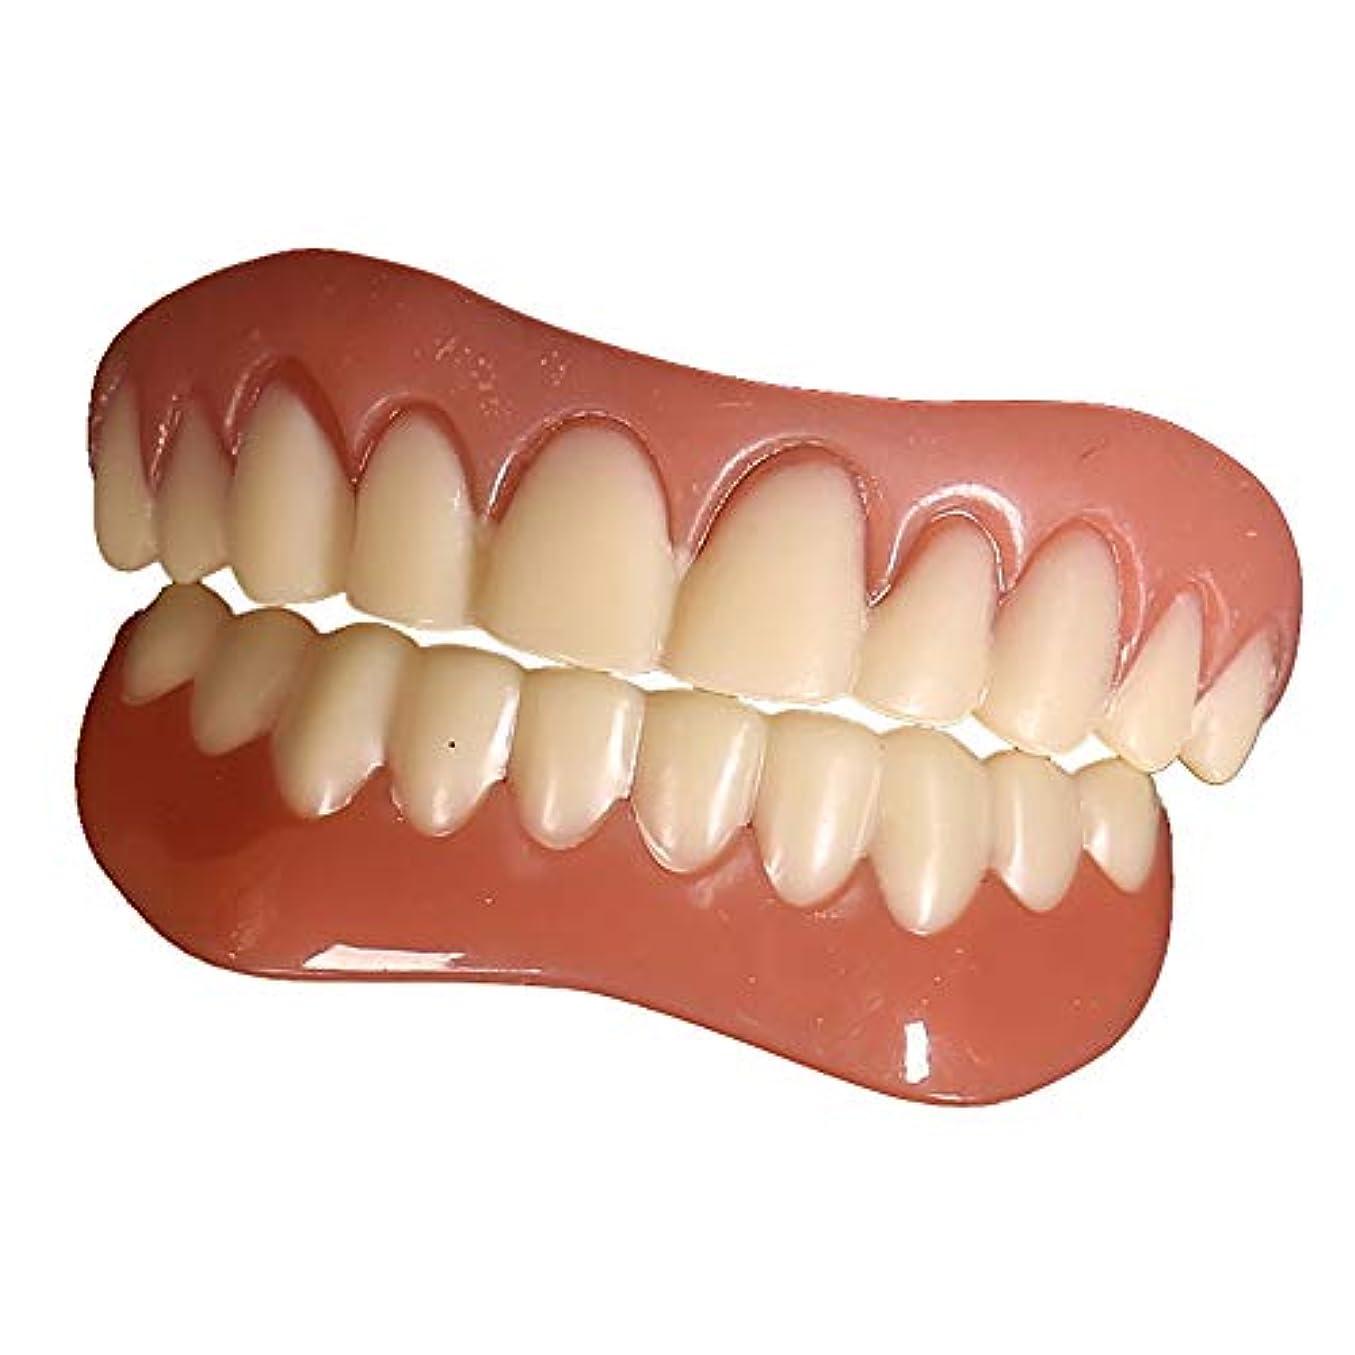 測定経度サイトラインパーフェクトインスタントスマイルティースベニヤインスタントビューティー2本入れ歯2本下歯(フリーサイズ(中))